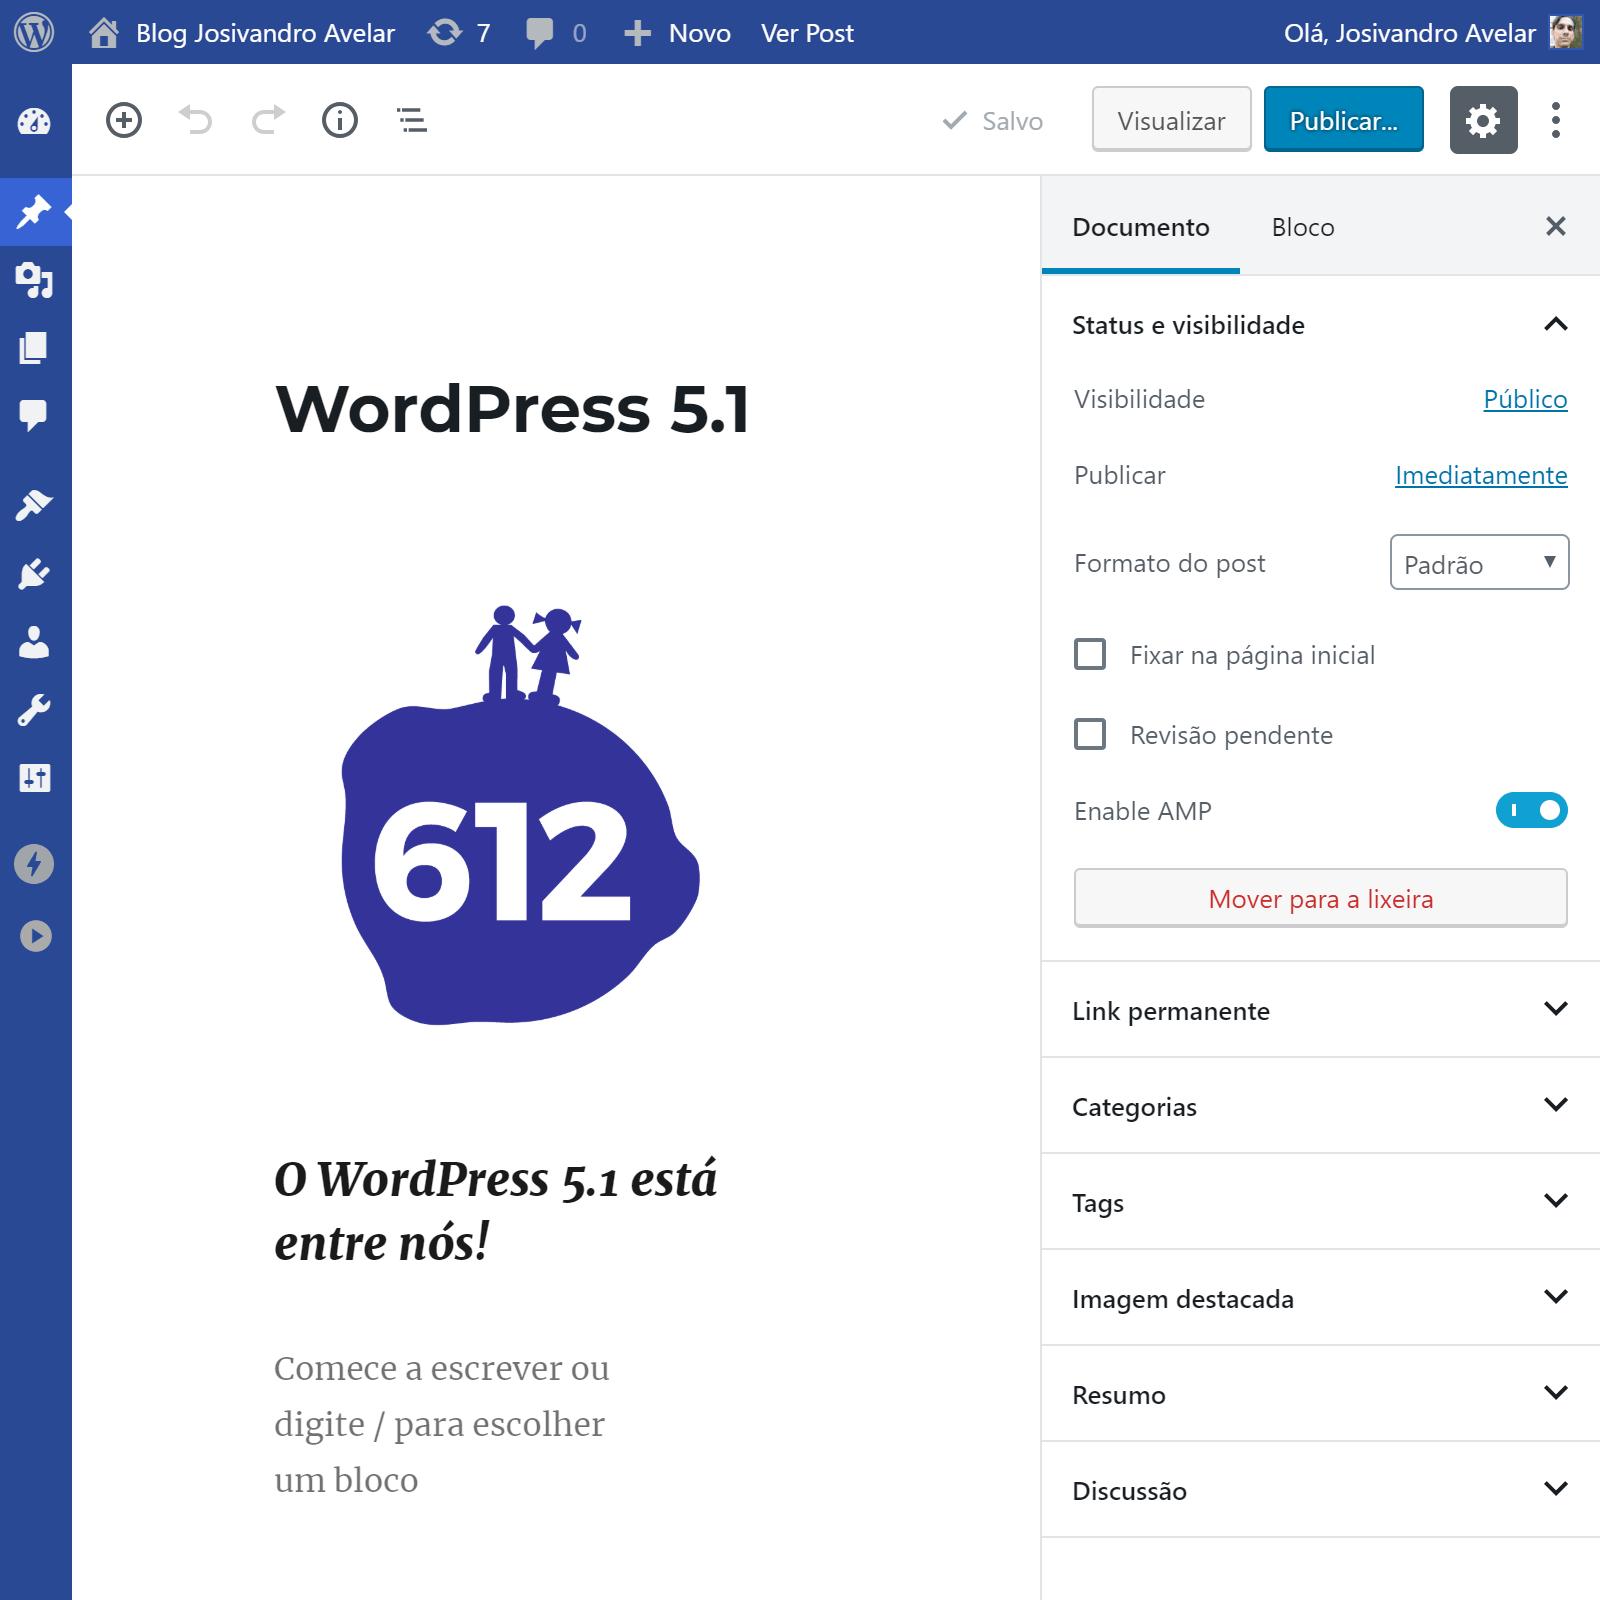 Lançada a versão 5.1 do WordPress